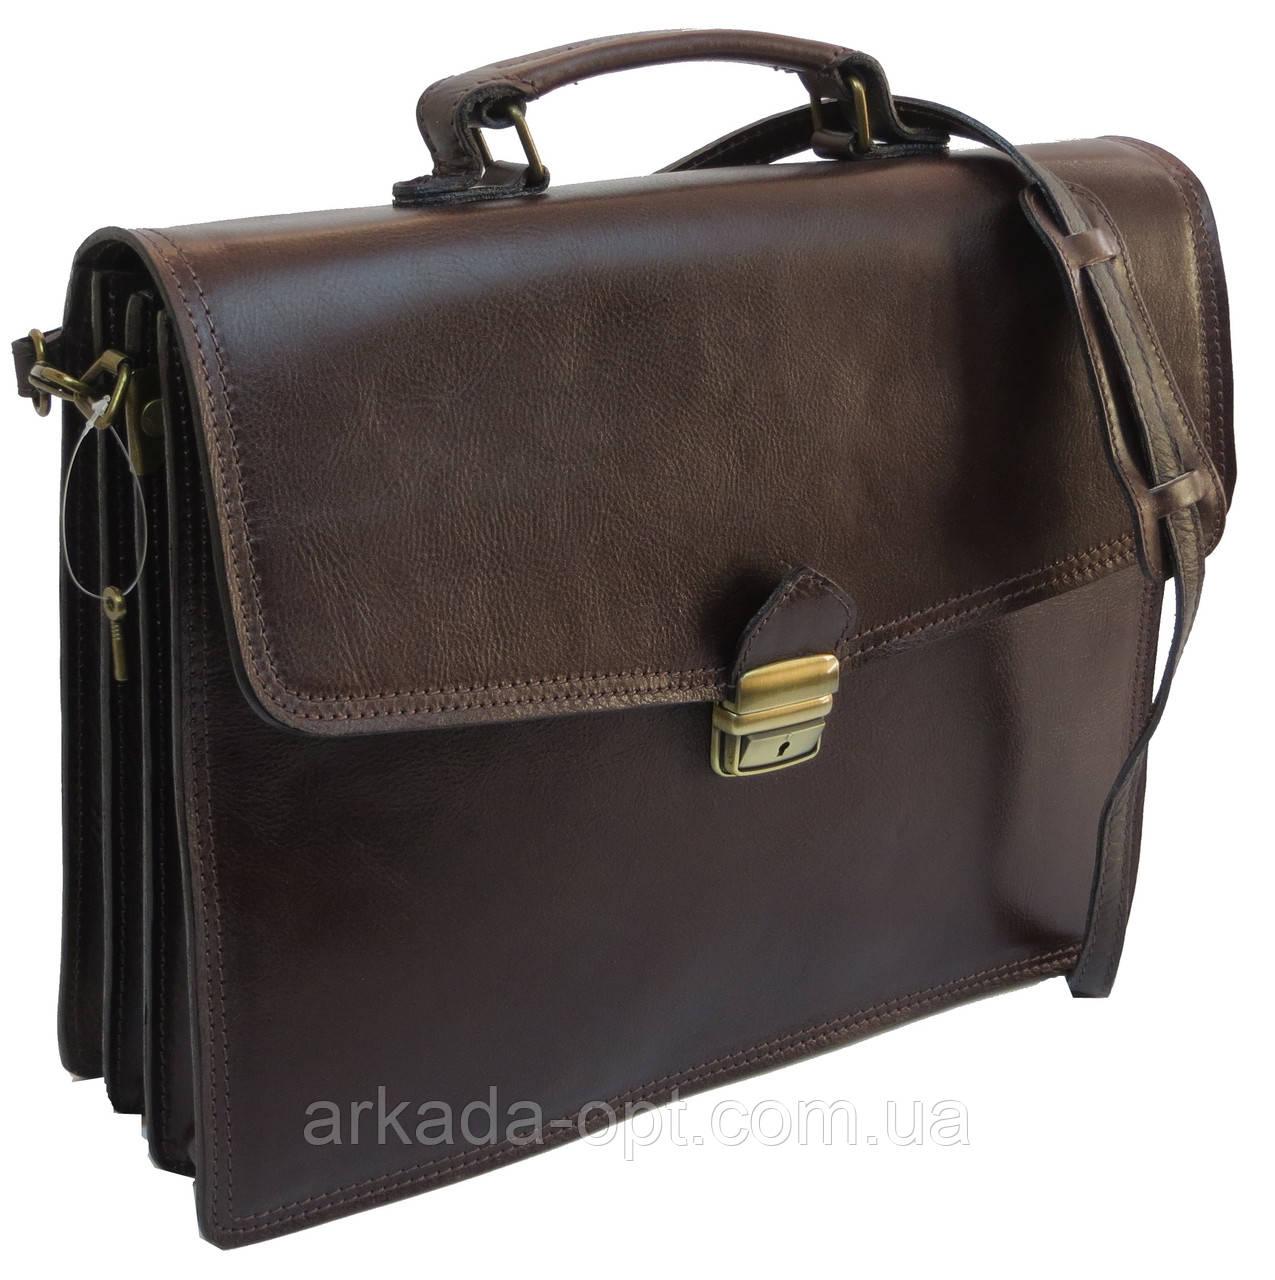 Мужской портфель из натуральной кожи TOMSKOR Коричневый (81568)